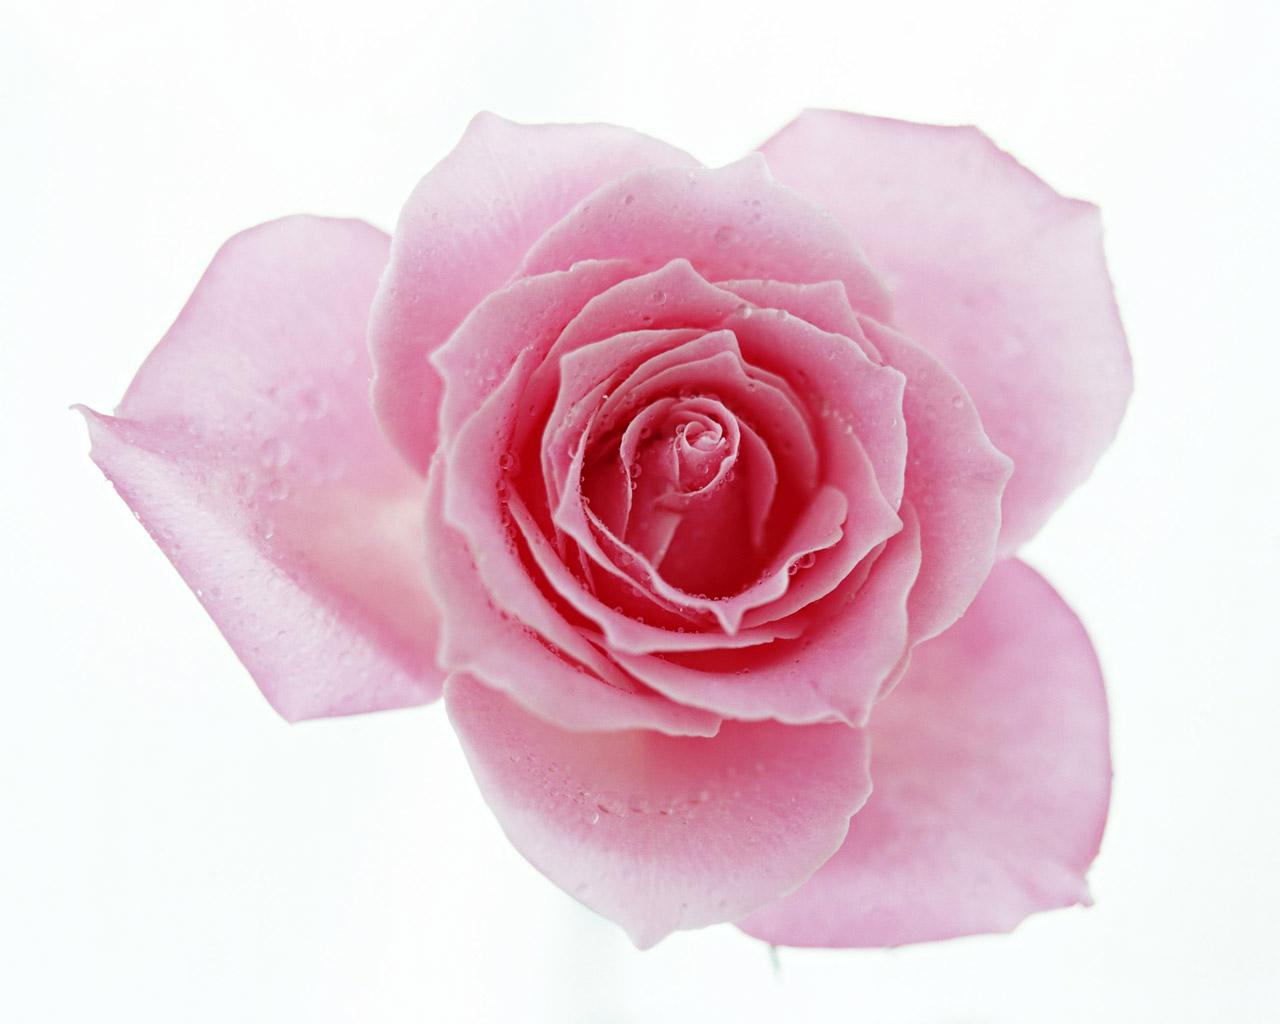 壁纸1280×1024七夕情人节99张玫瑰壁纸壁纸 七夕情人节99张玫瑰壁纸壁纸图片其他壁纸其他图片素材桌面壁纸